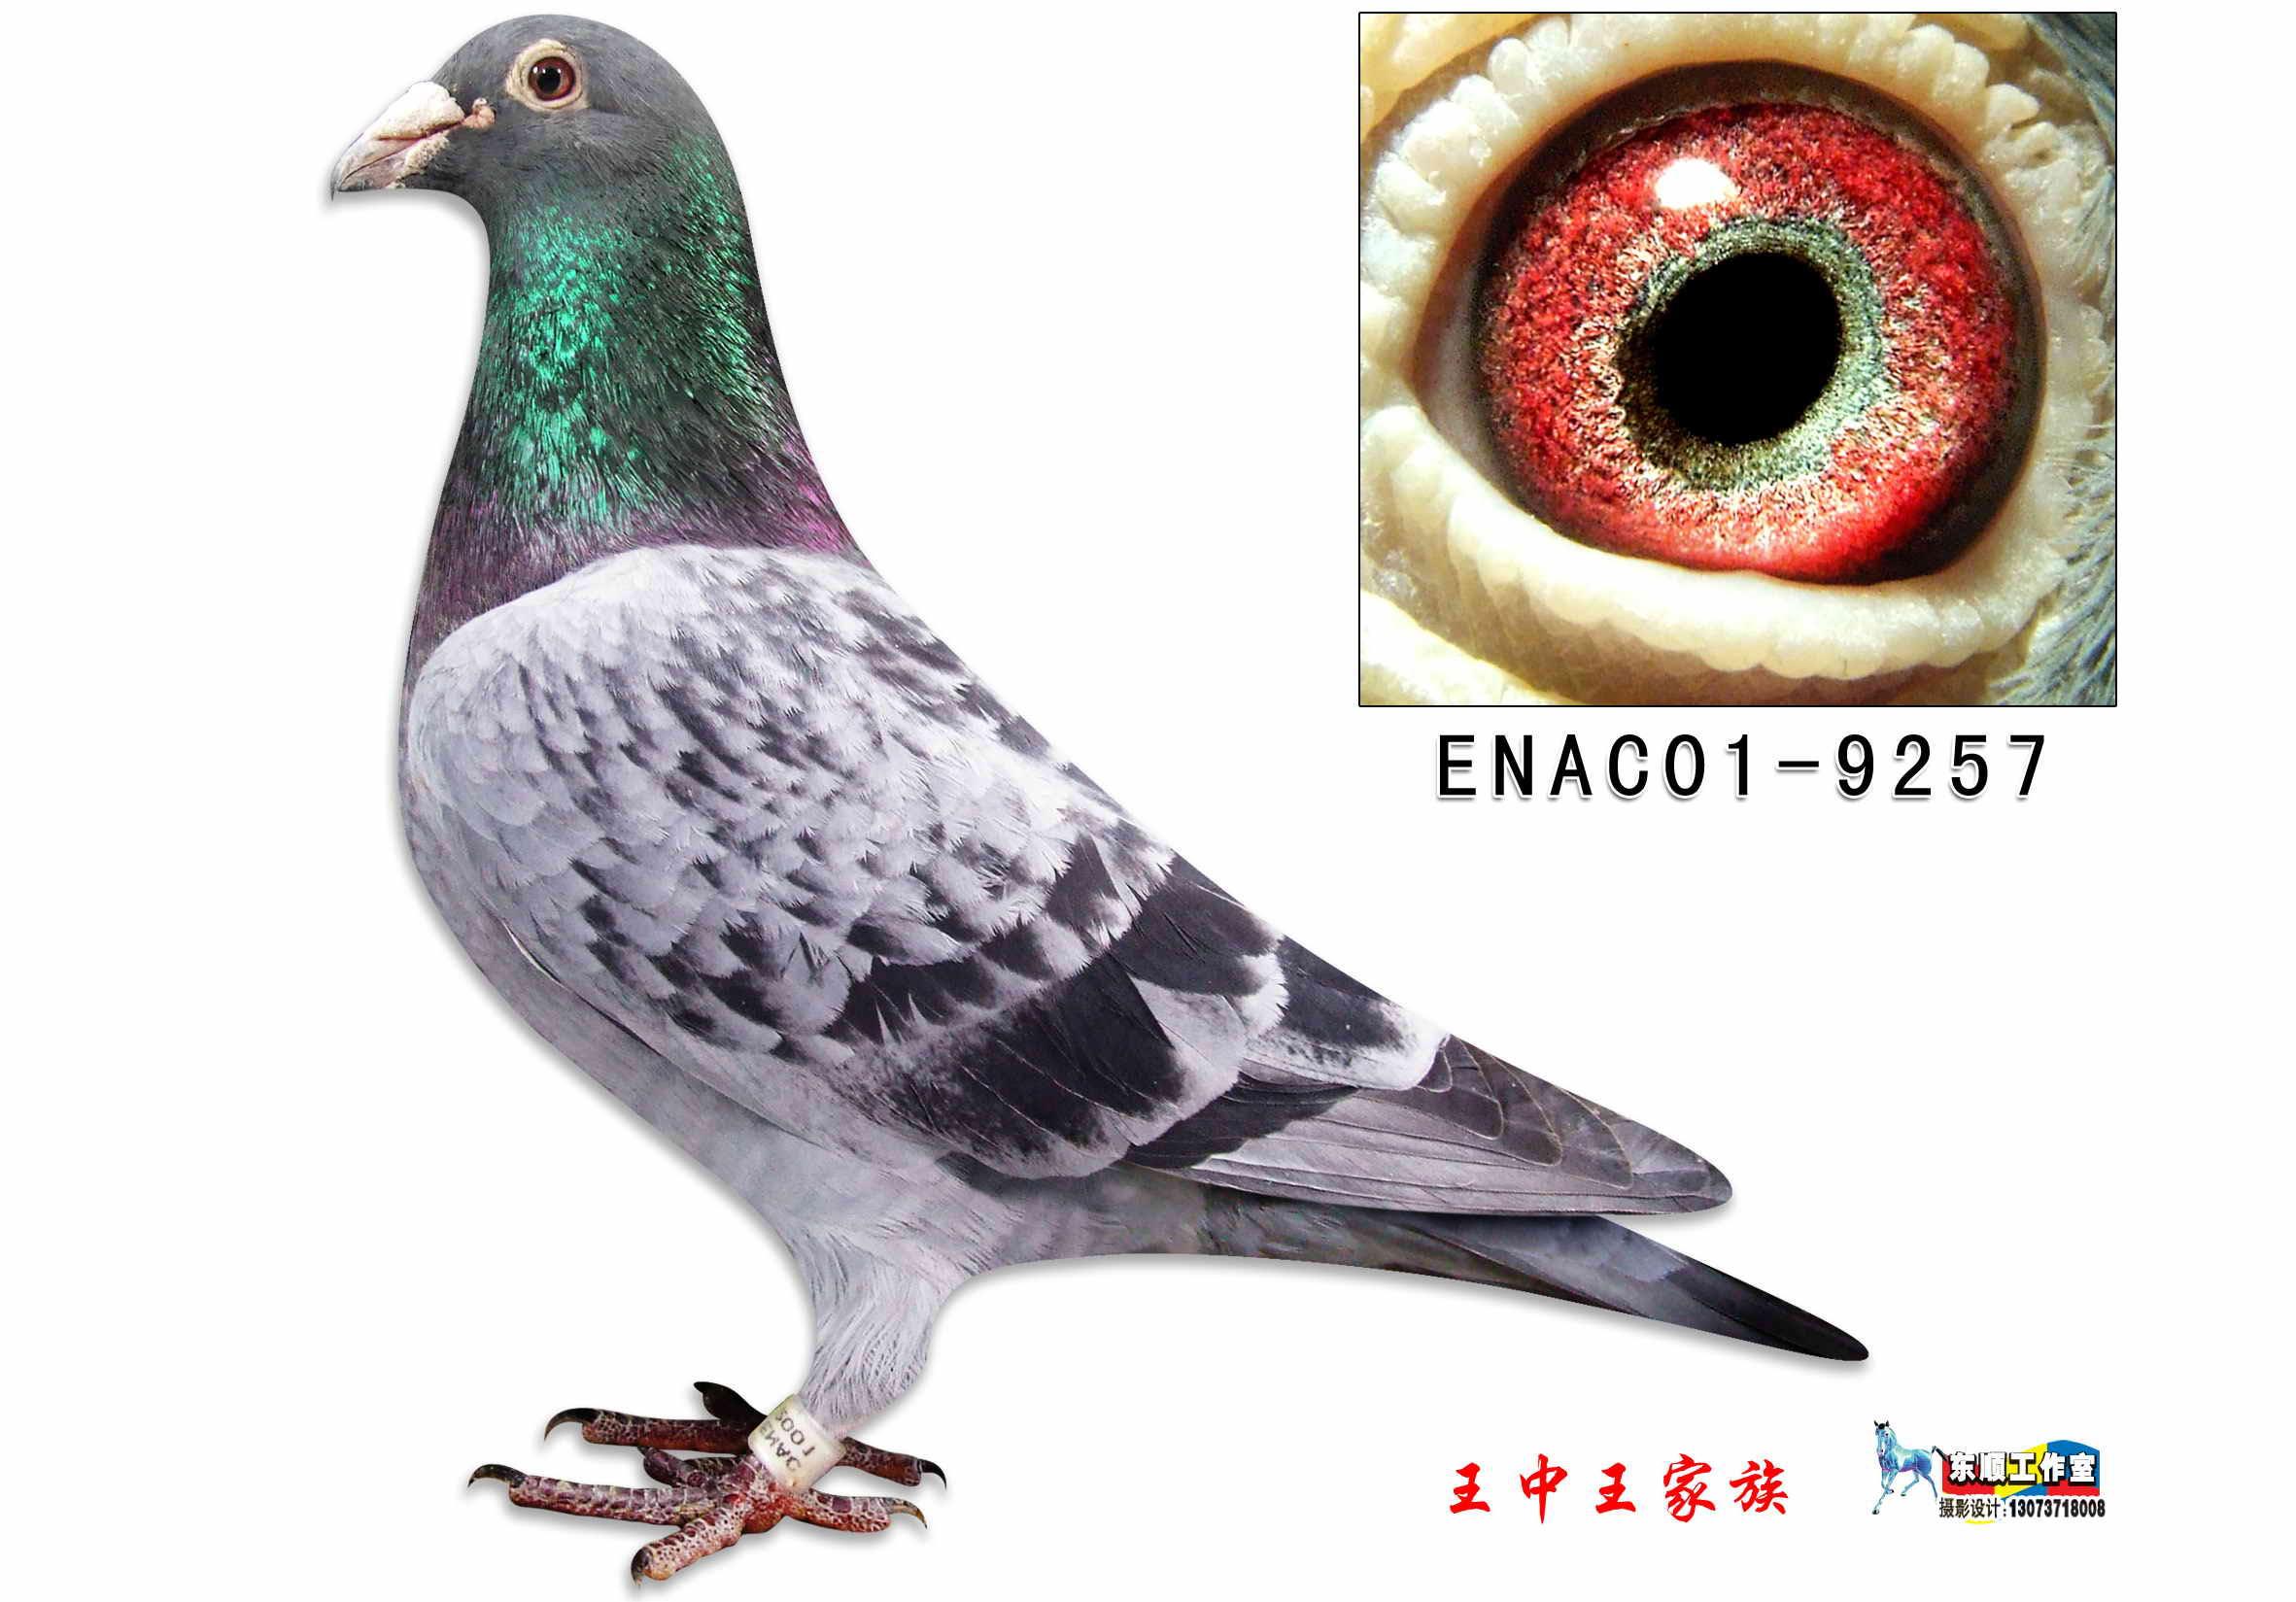 信鸽特征-凡龙勇士 江苏王中王家族